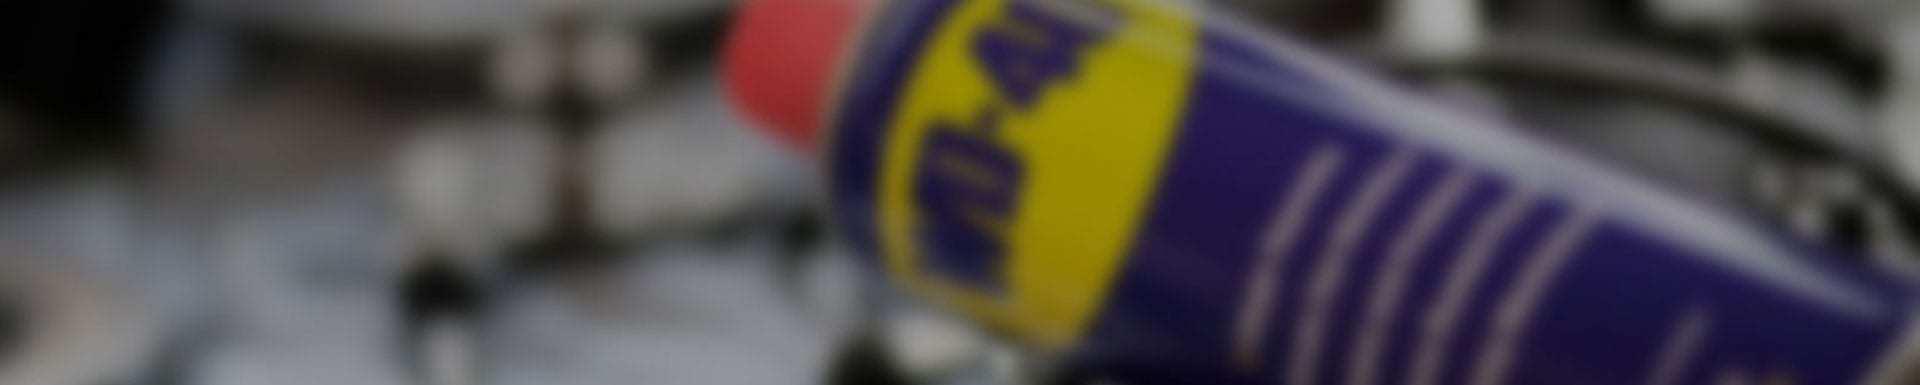 banner mup 1920x385